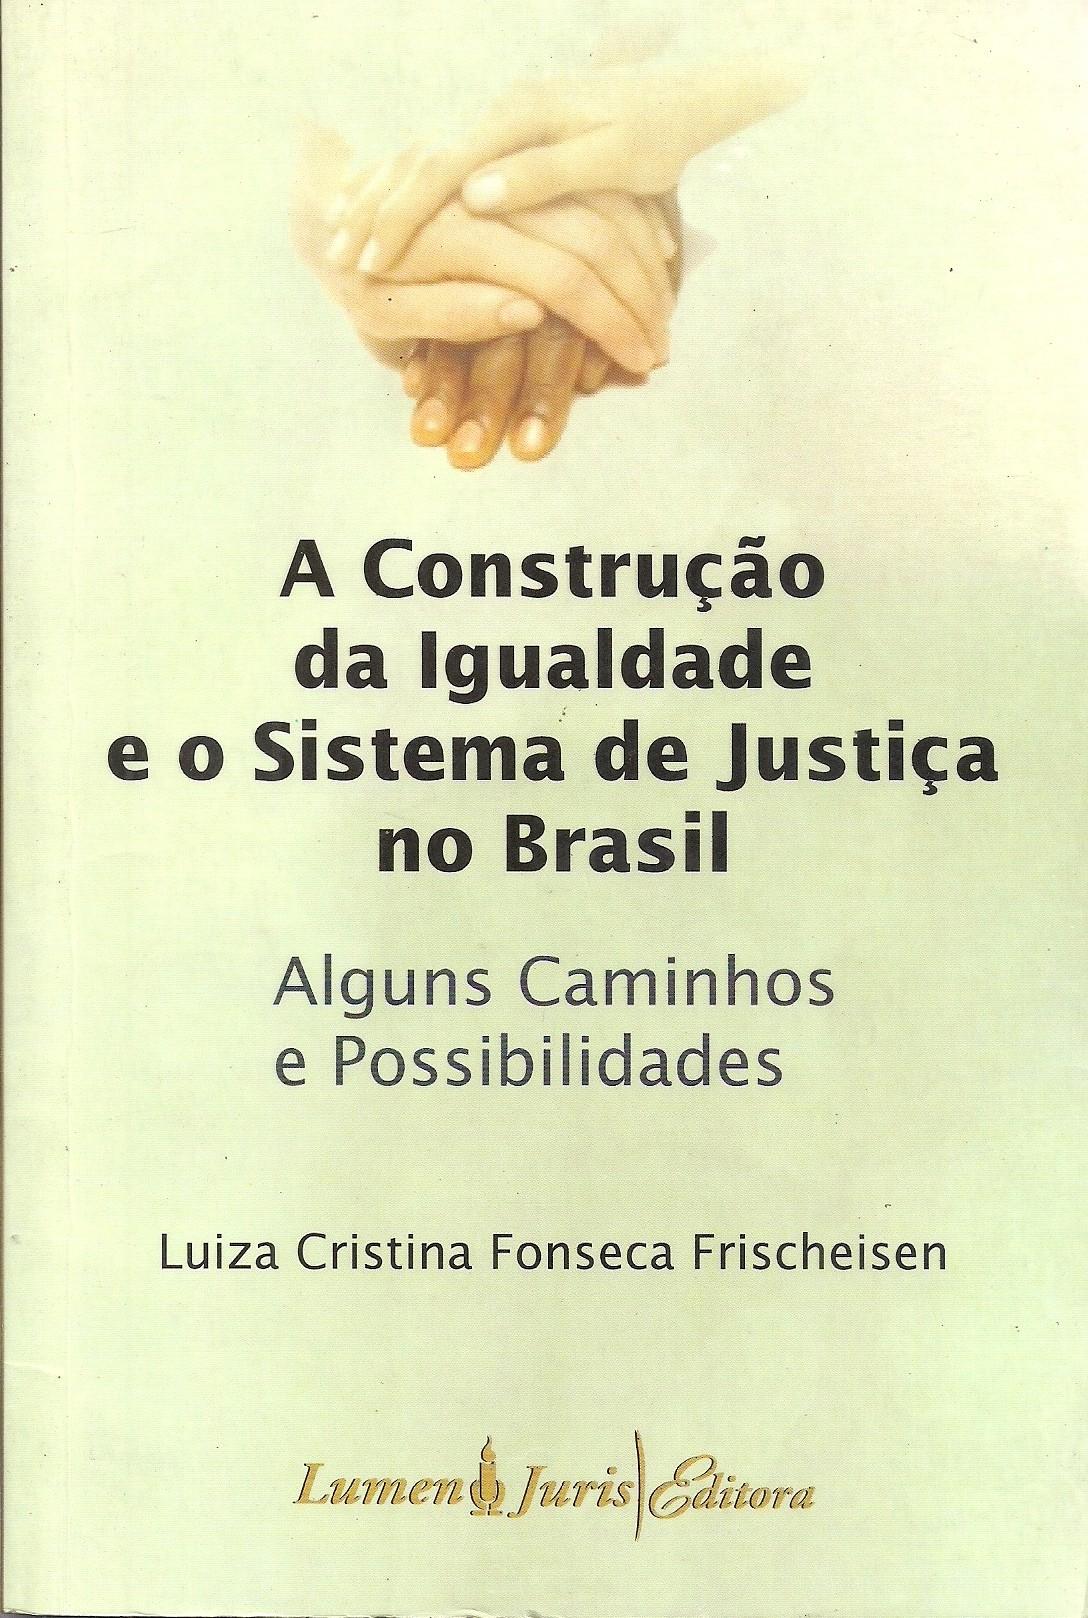 Foto 1 - A Construção da Igualdade e o Sistema de Justiça no Brasil - Alguns Caminhos e Possibilidades